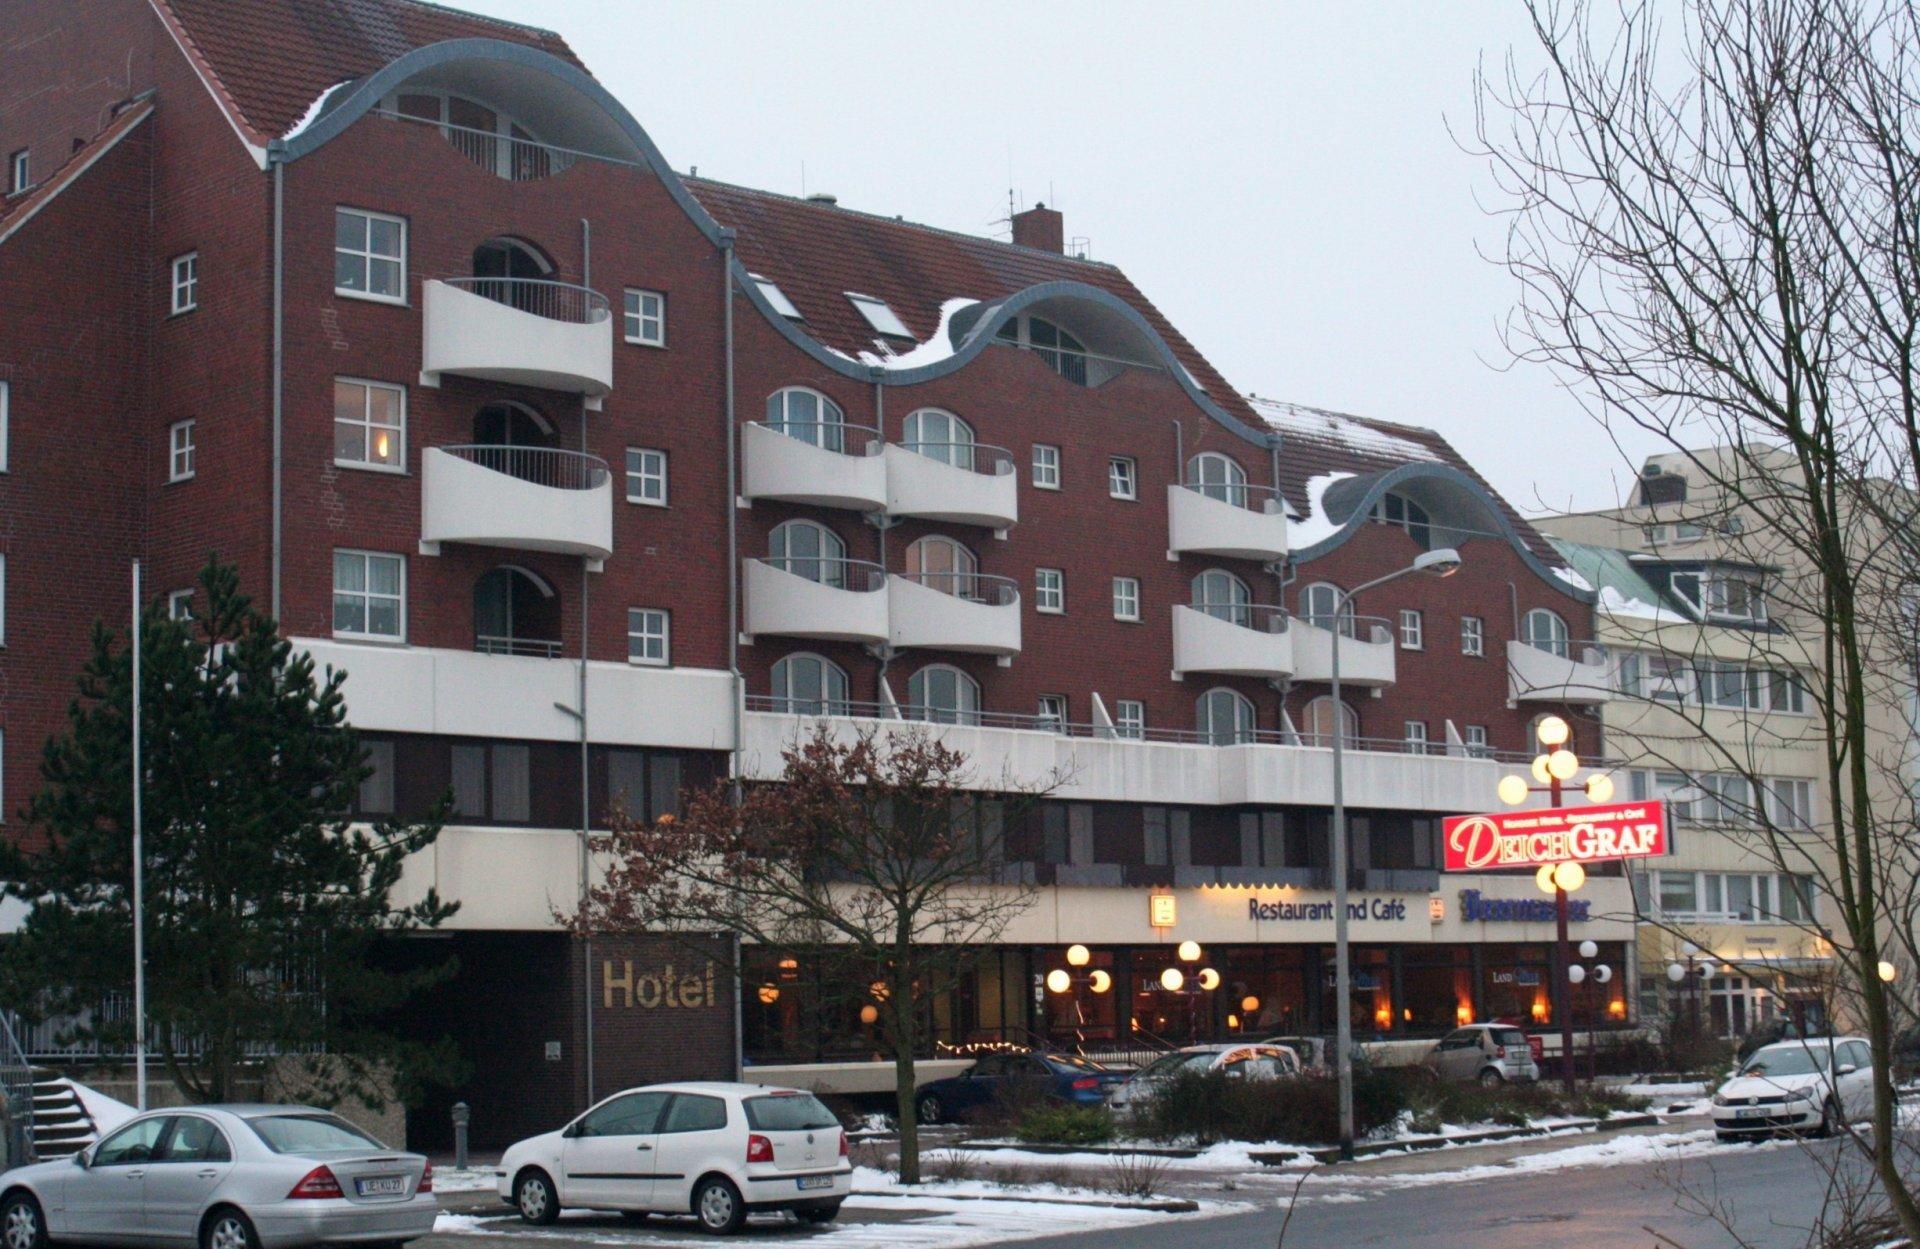 Www Nordsee Hotel Deichgraf De